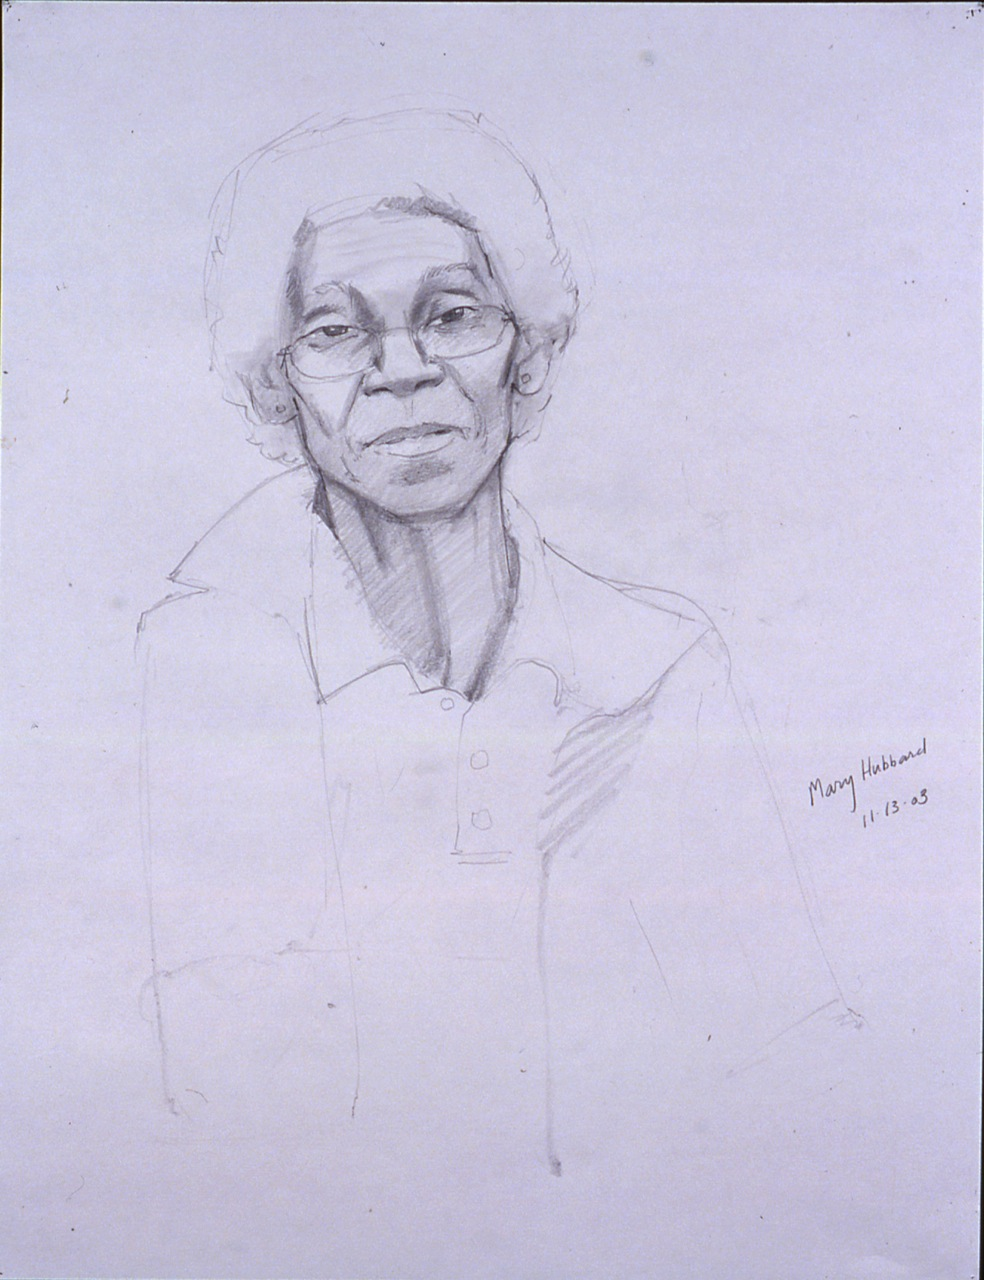 Mary Hubbard